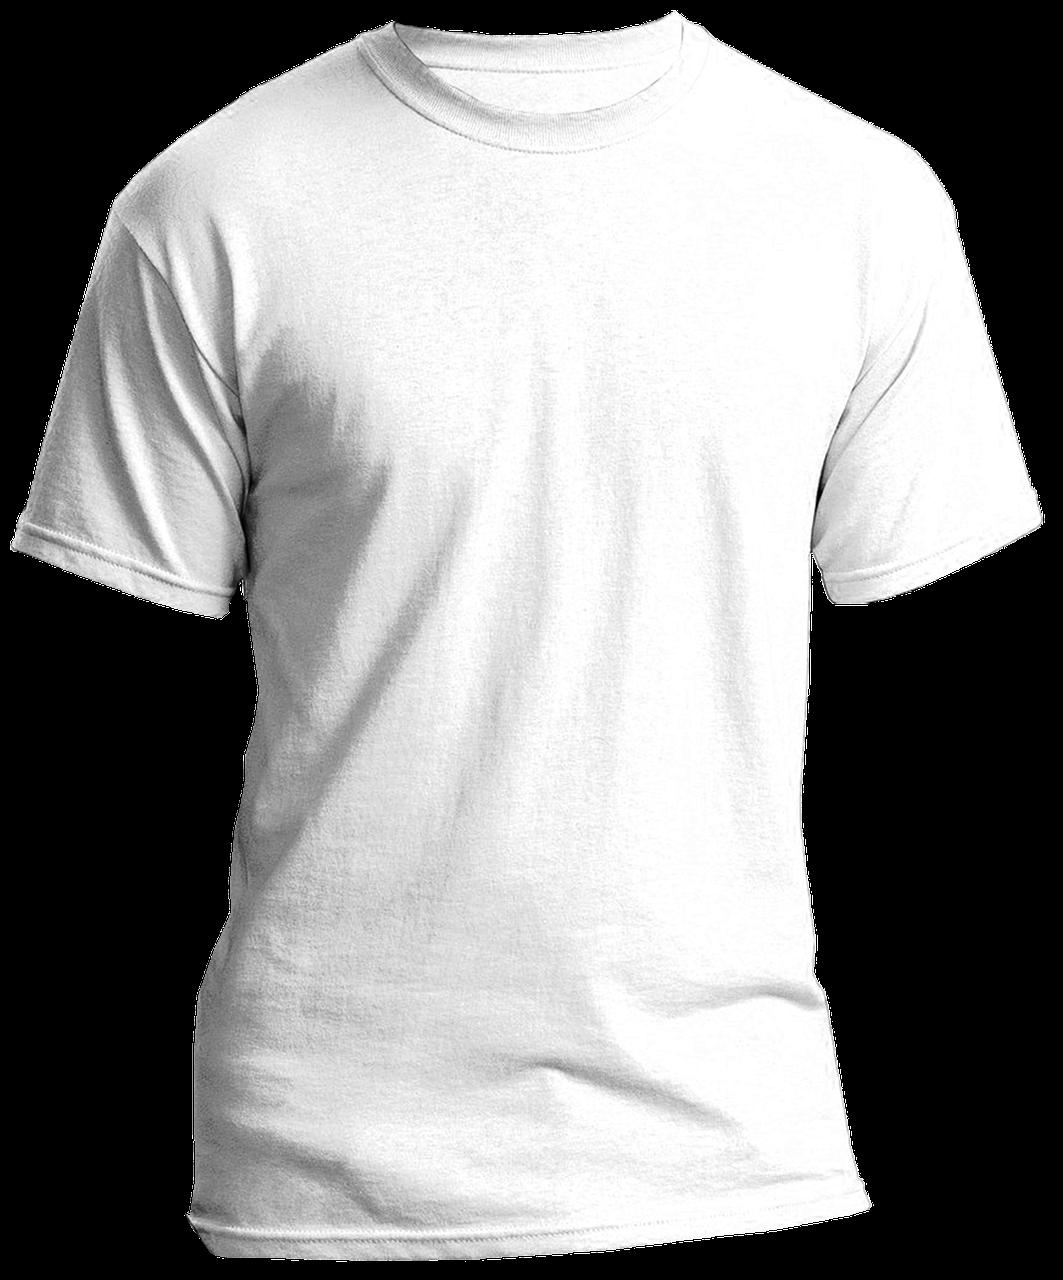 Naklejki na koszulki